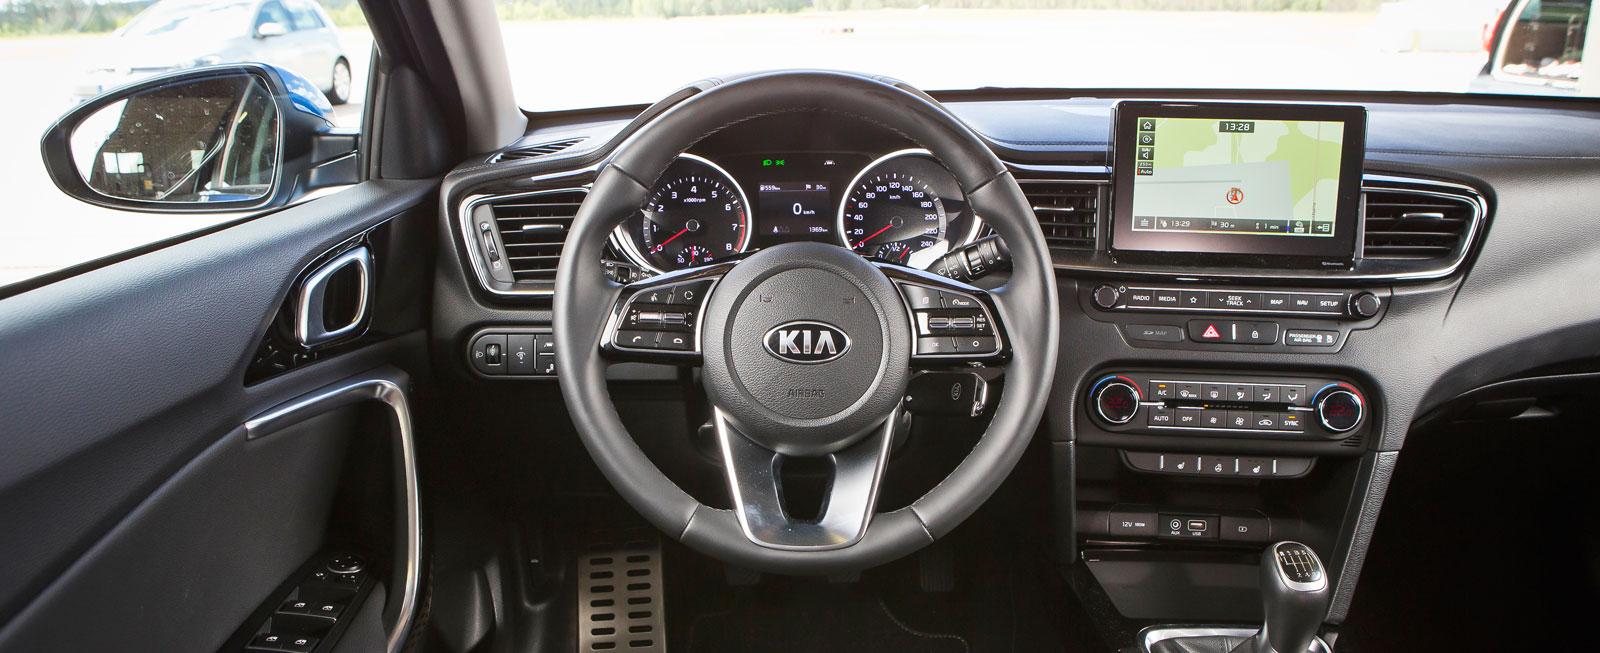 Kvalitetskänslan överraskar positivt och även funktionellt får Kias cockpit  klart godkänt. Den lite platta förarstolen passade dock inte alla i testlaget.